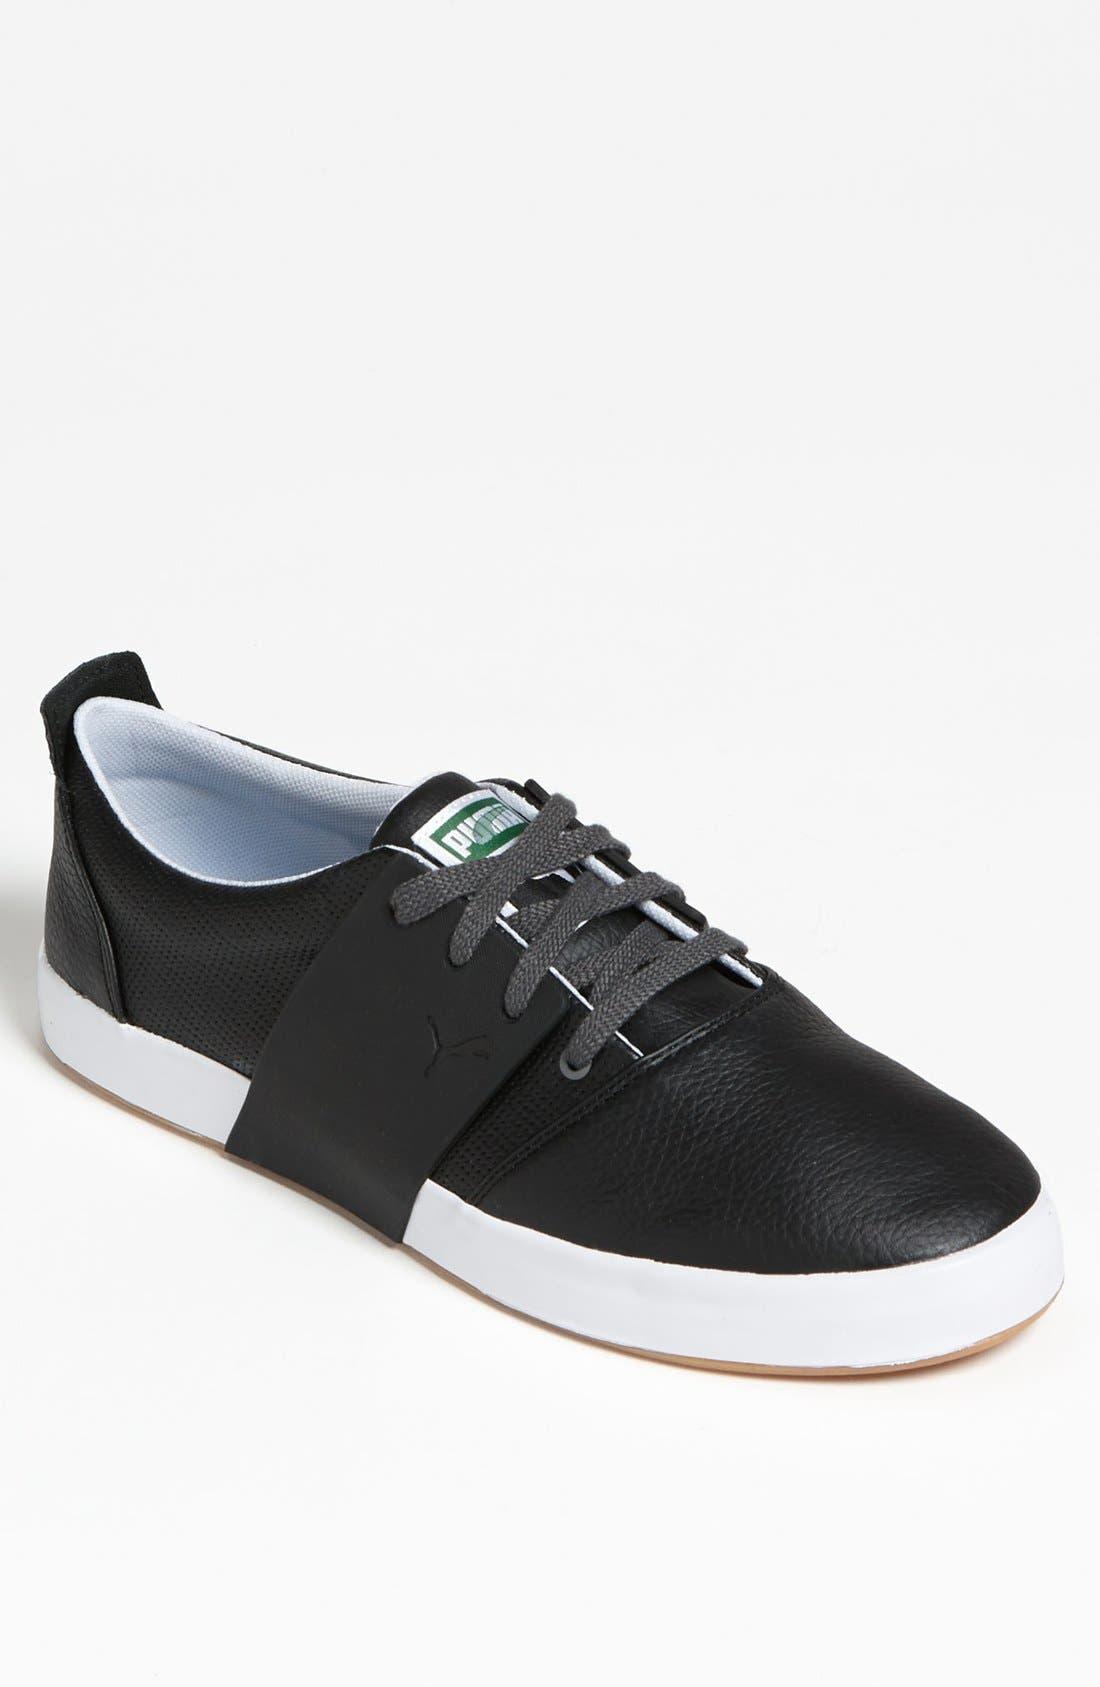 Alternate Image 1 Selected - PUMA 'El Ace 3 L' Sneaker (Men)